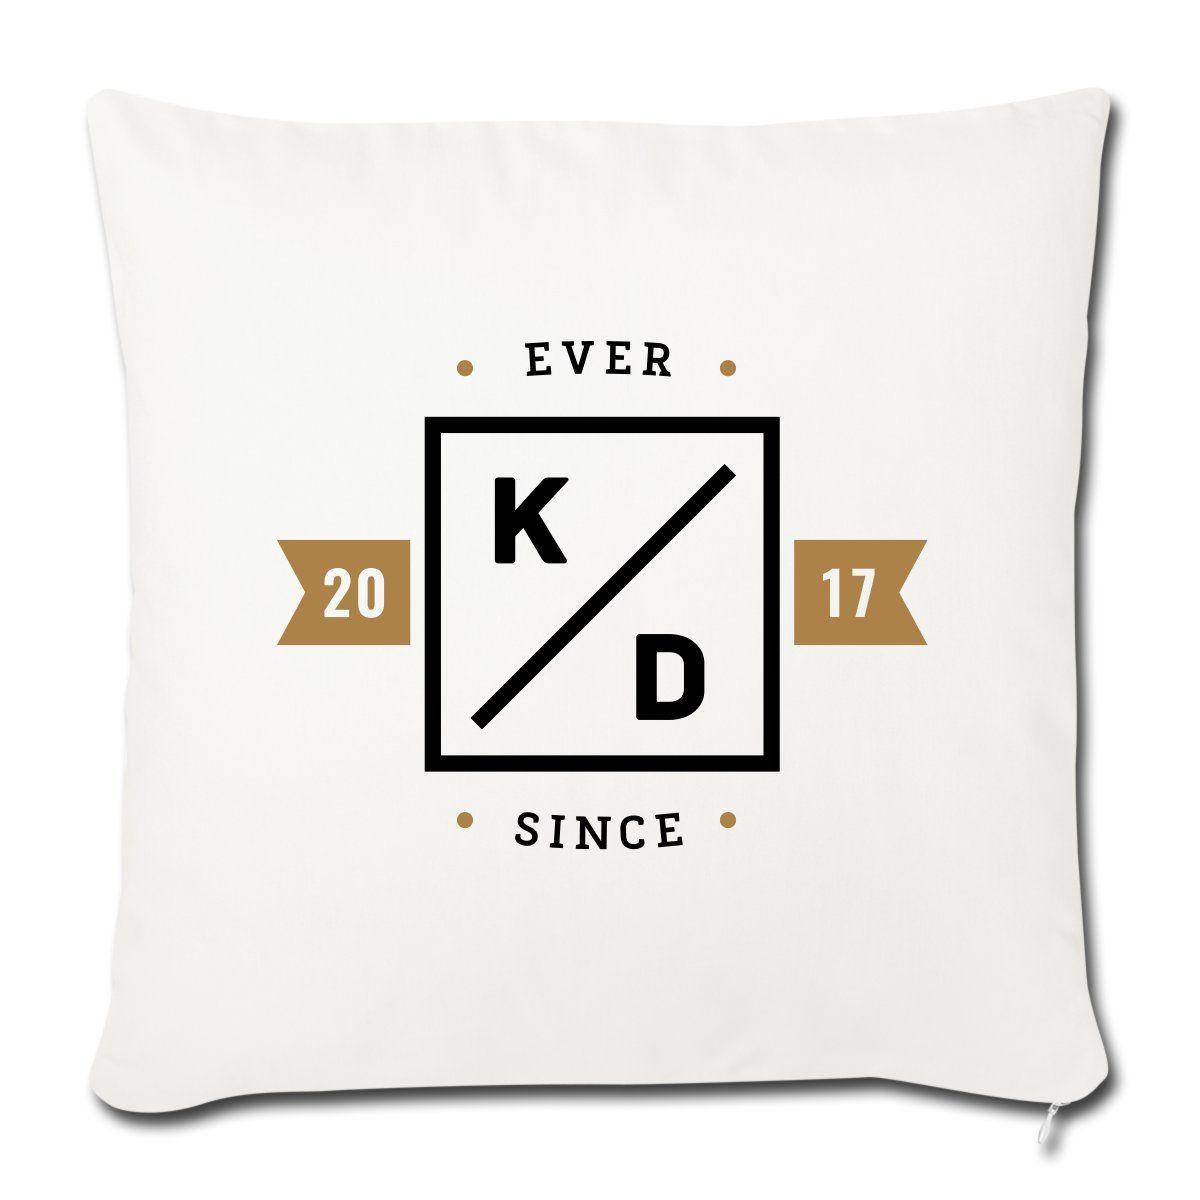 Das personalisierte *Ever Since* Kissen ist das perfekte Geschenk für die Hochzeit deiner Freunde. Mit den Initialen des Brautpaars ist es ein waschechtes Unikat.